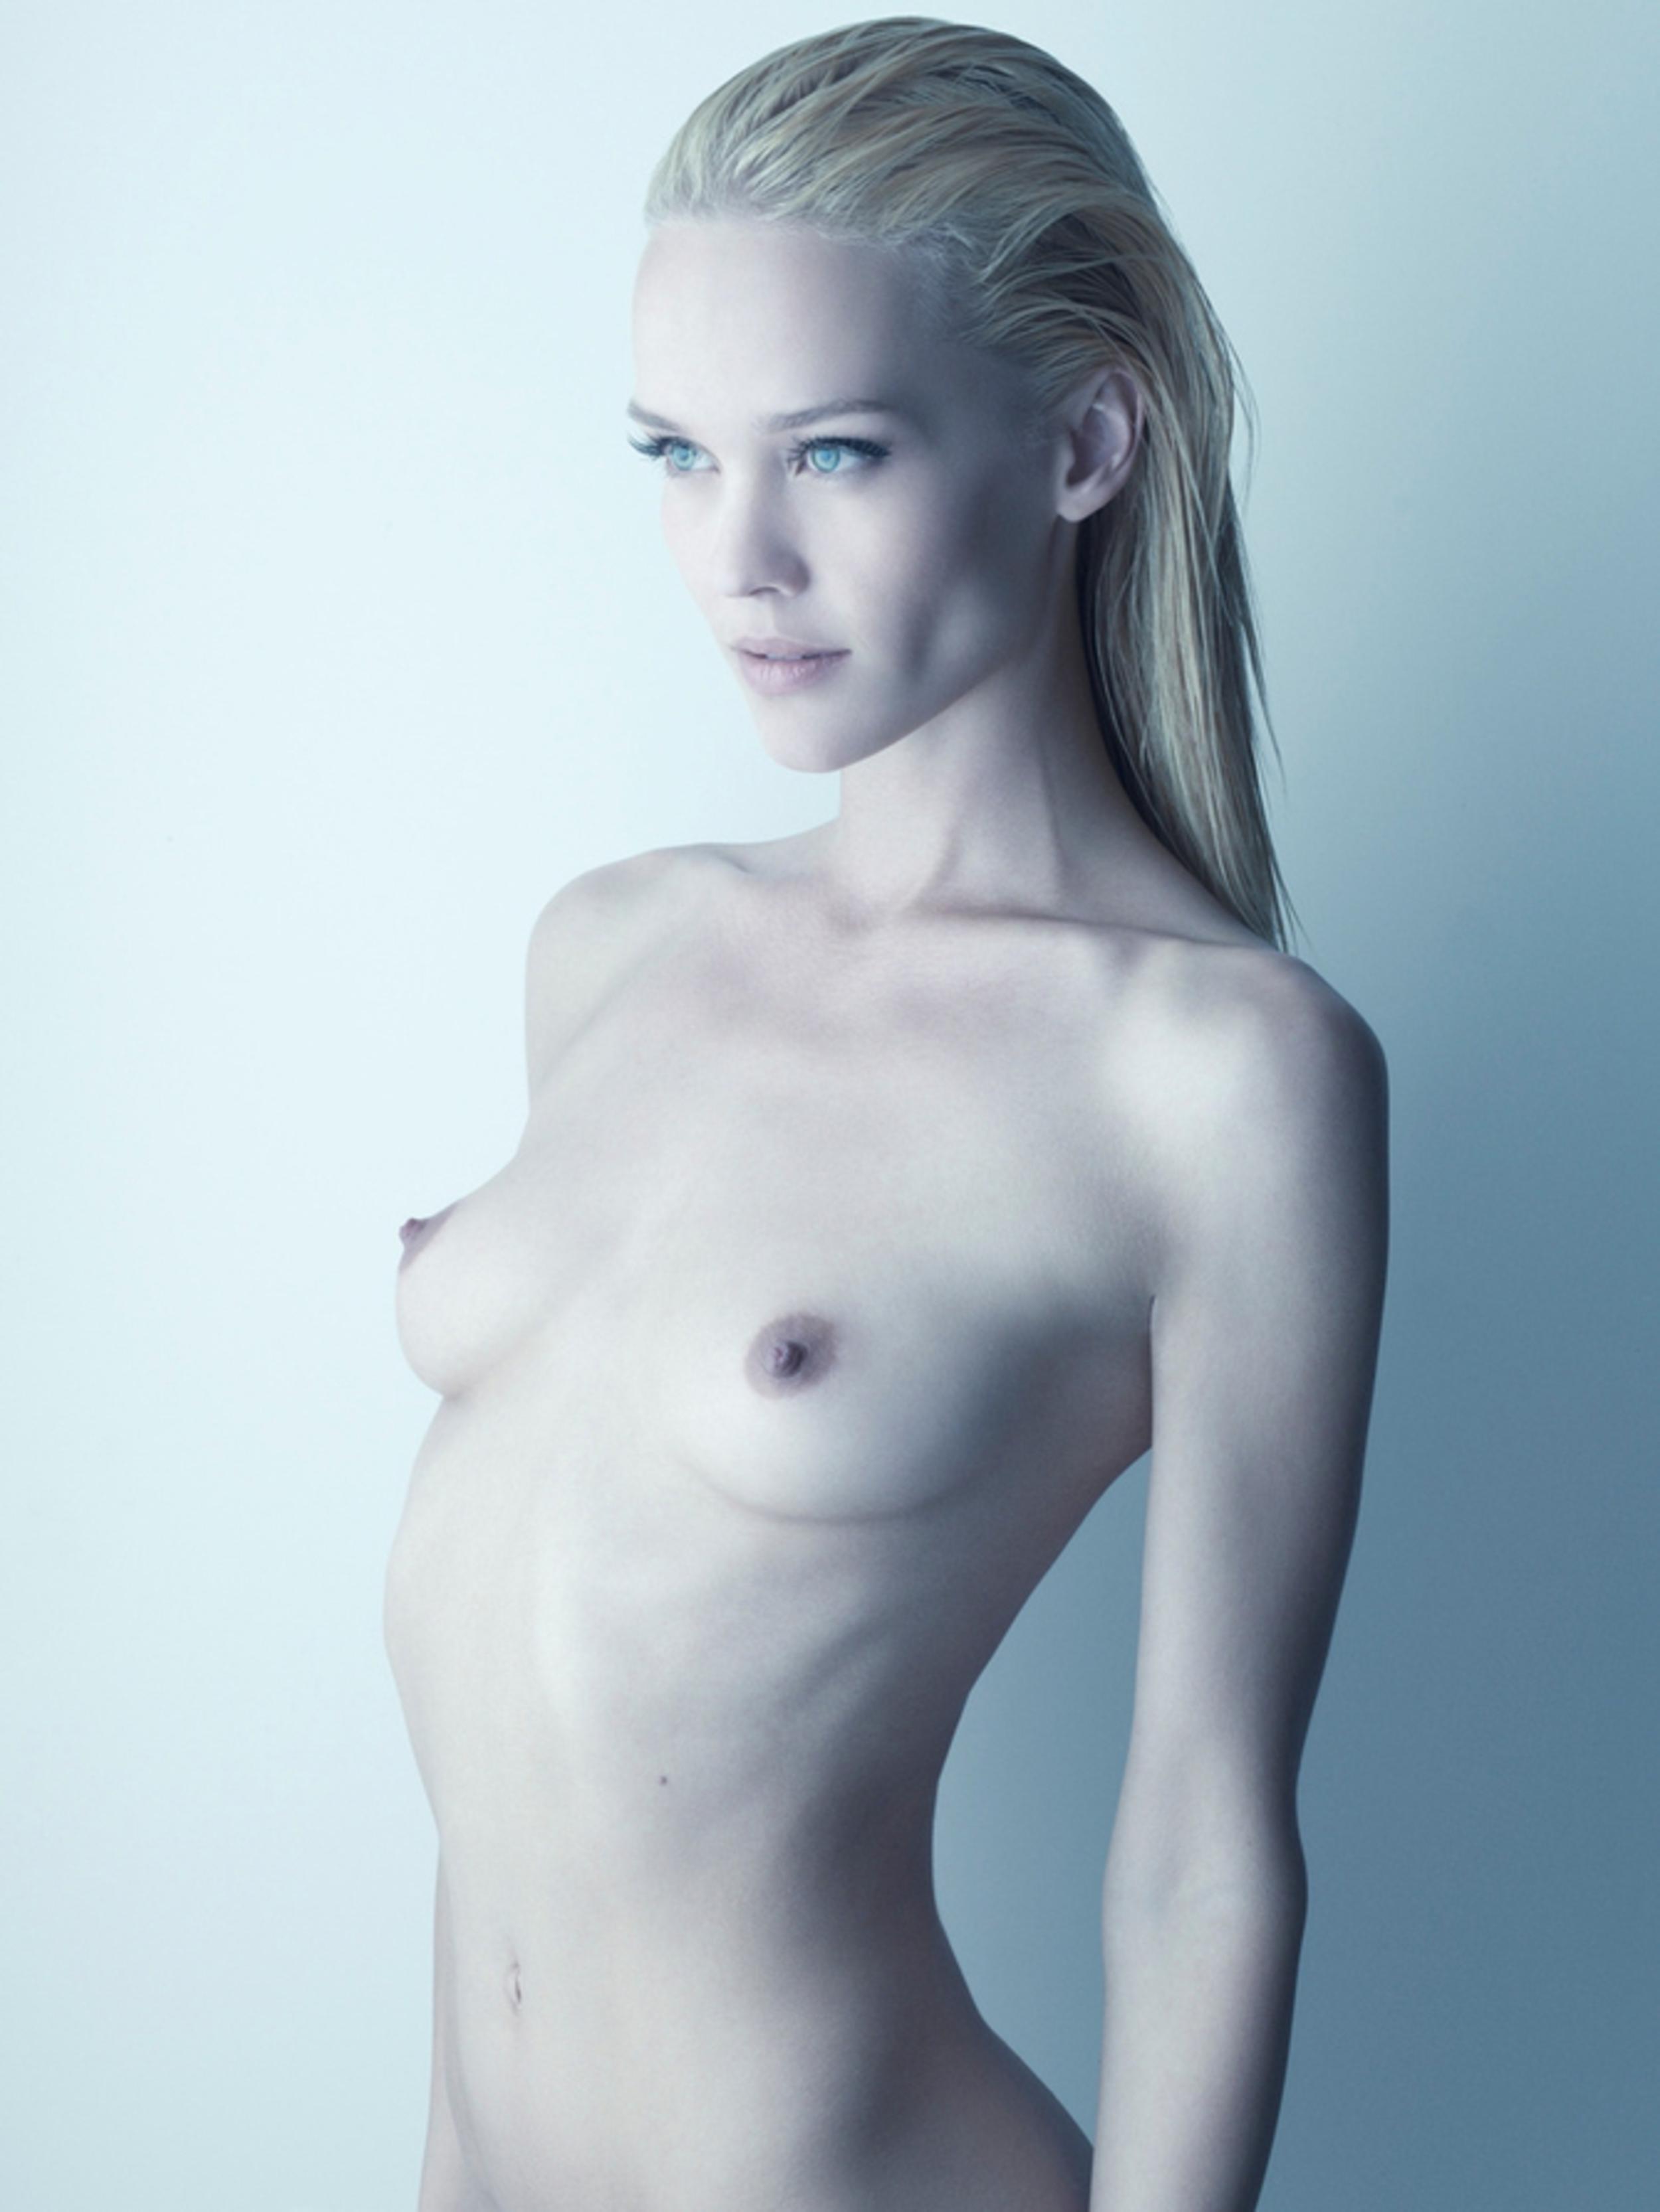 Сройные девушки голые 18 фотография